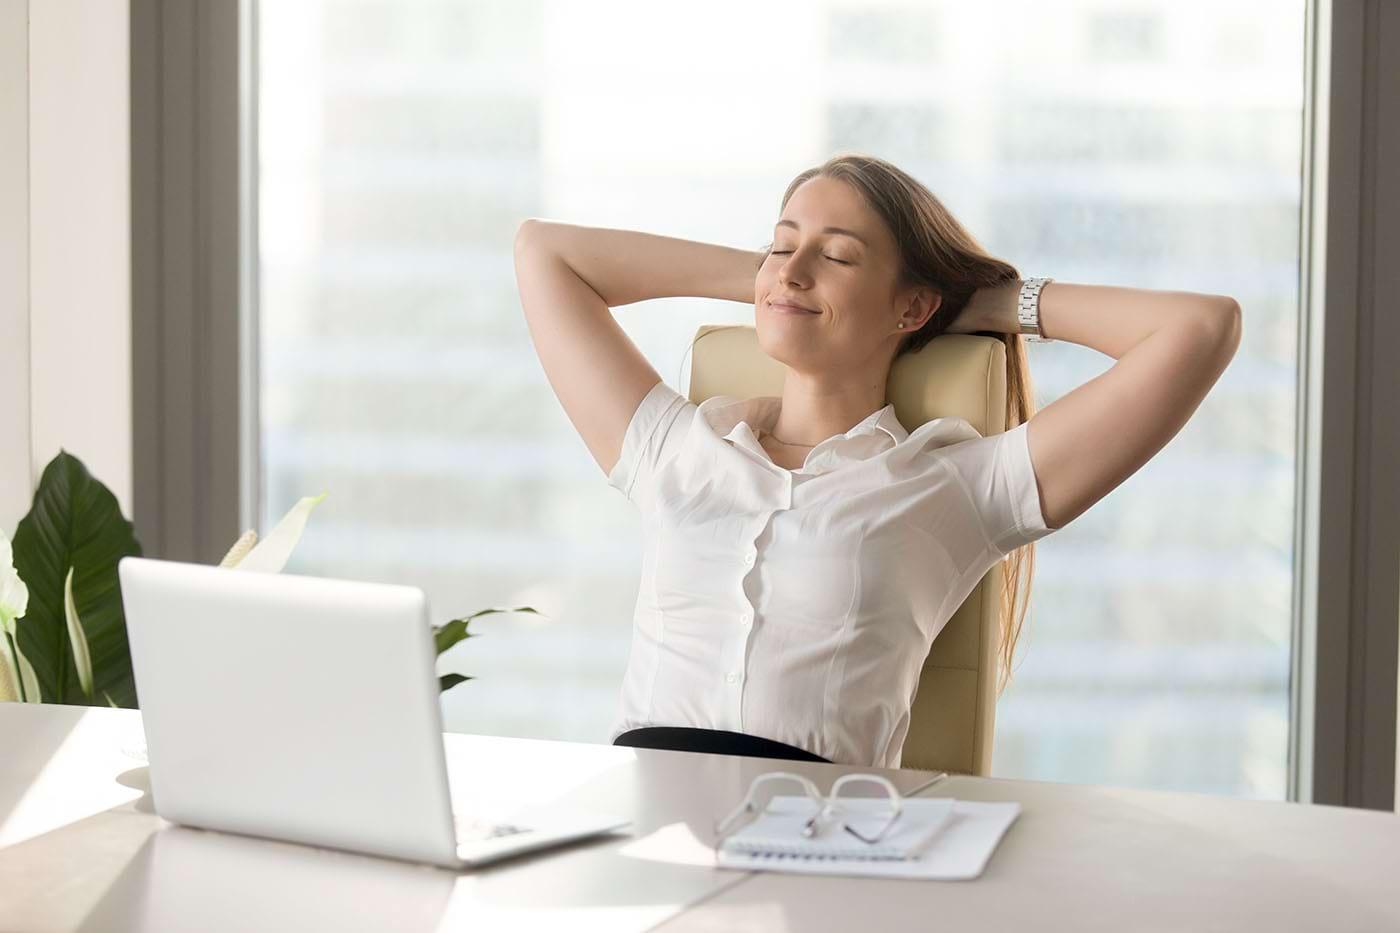 Productivitatea nu te definește ca persoană